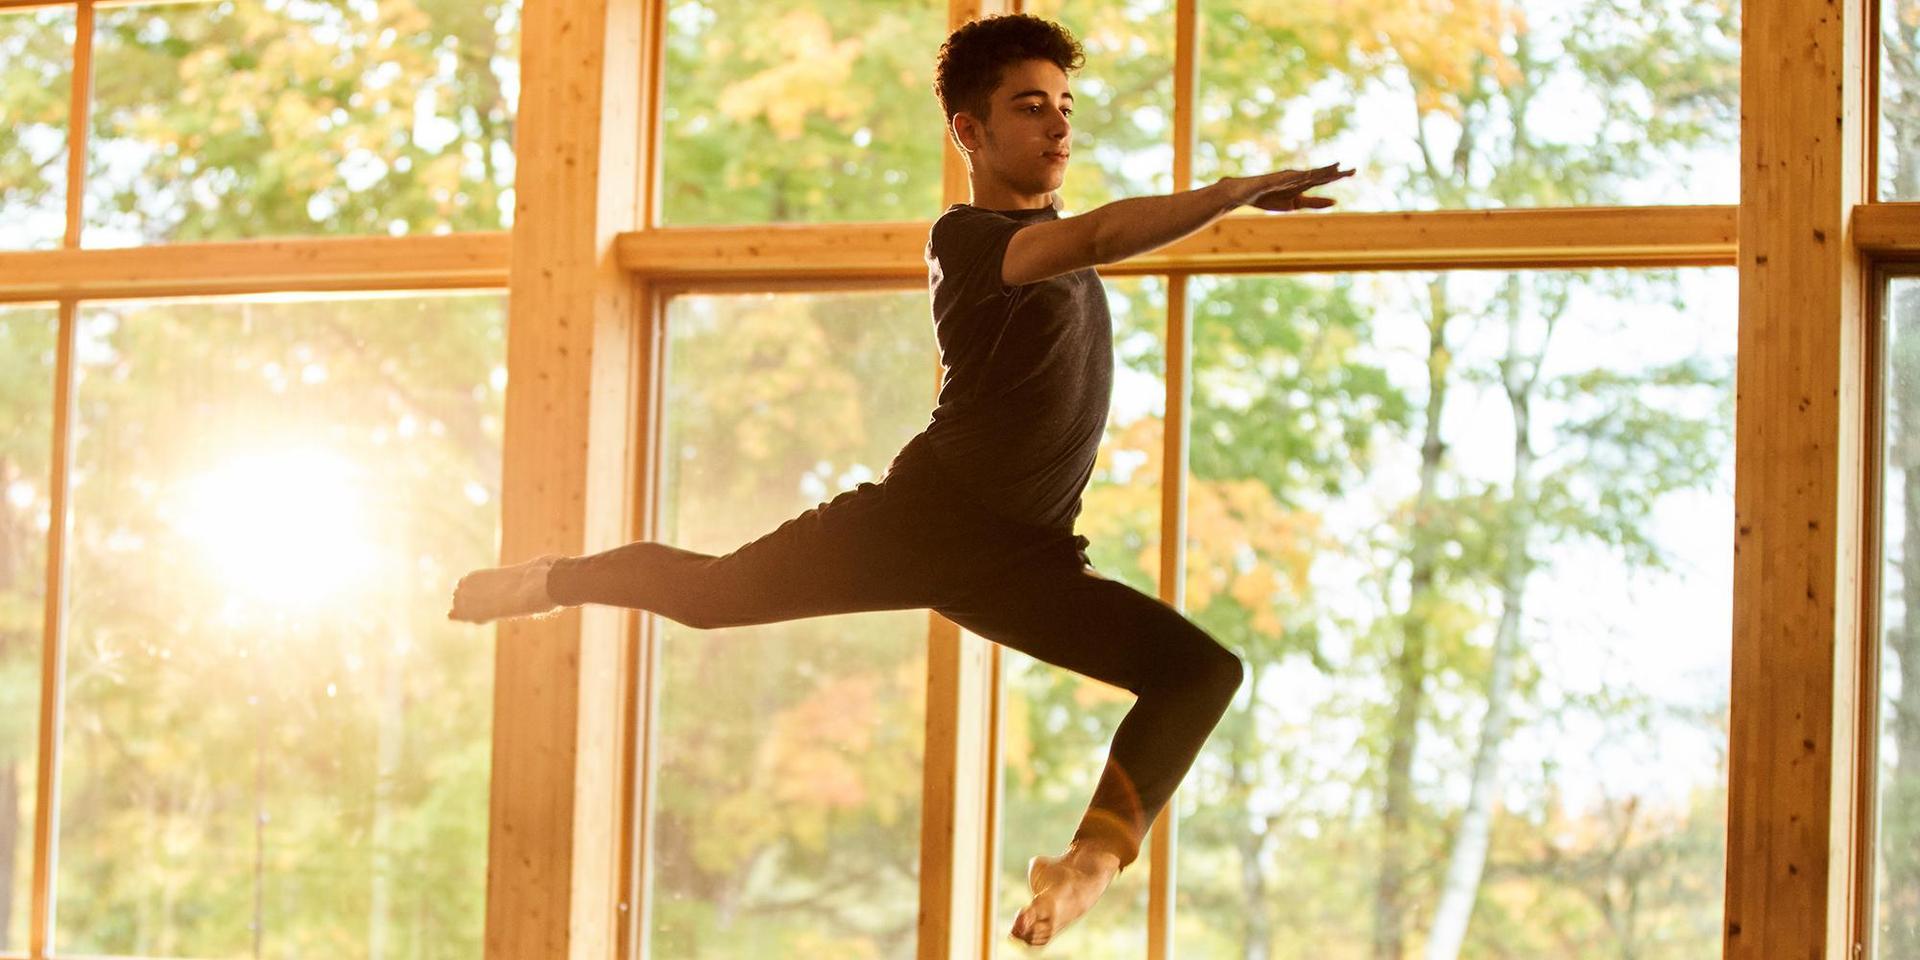 一名学生在舞蹈课上练习跳跃.